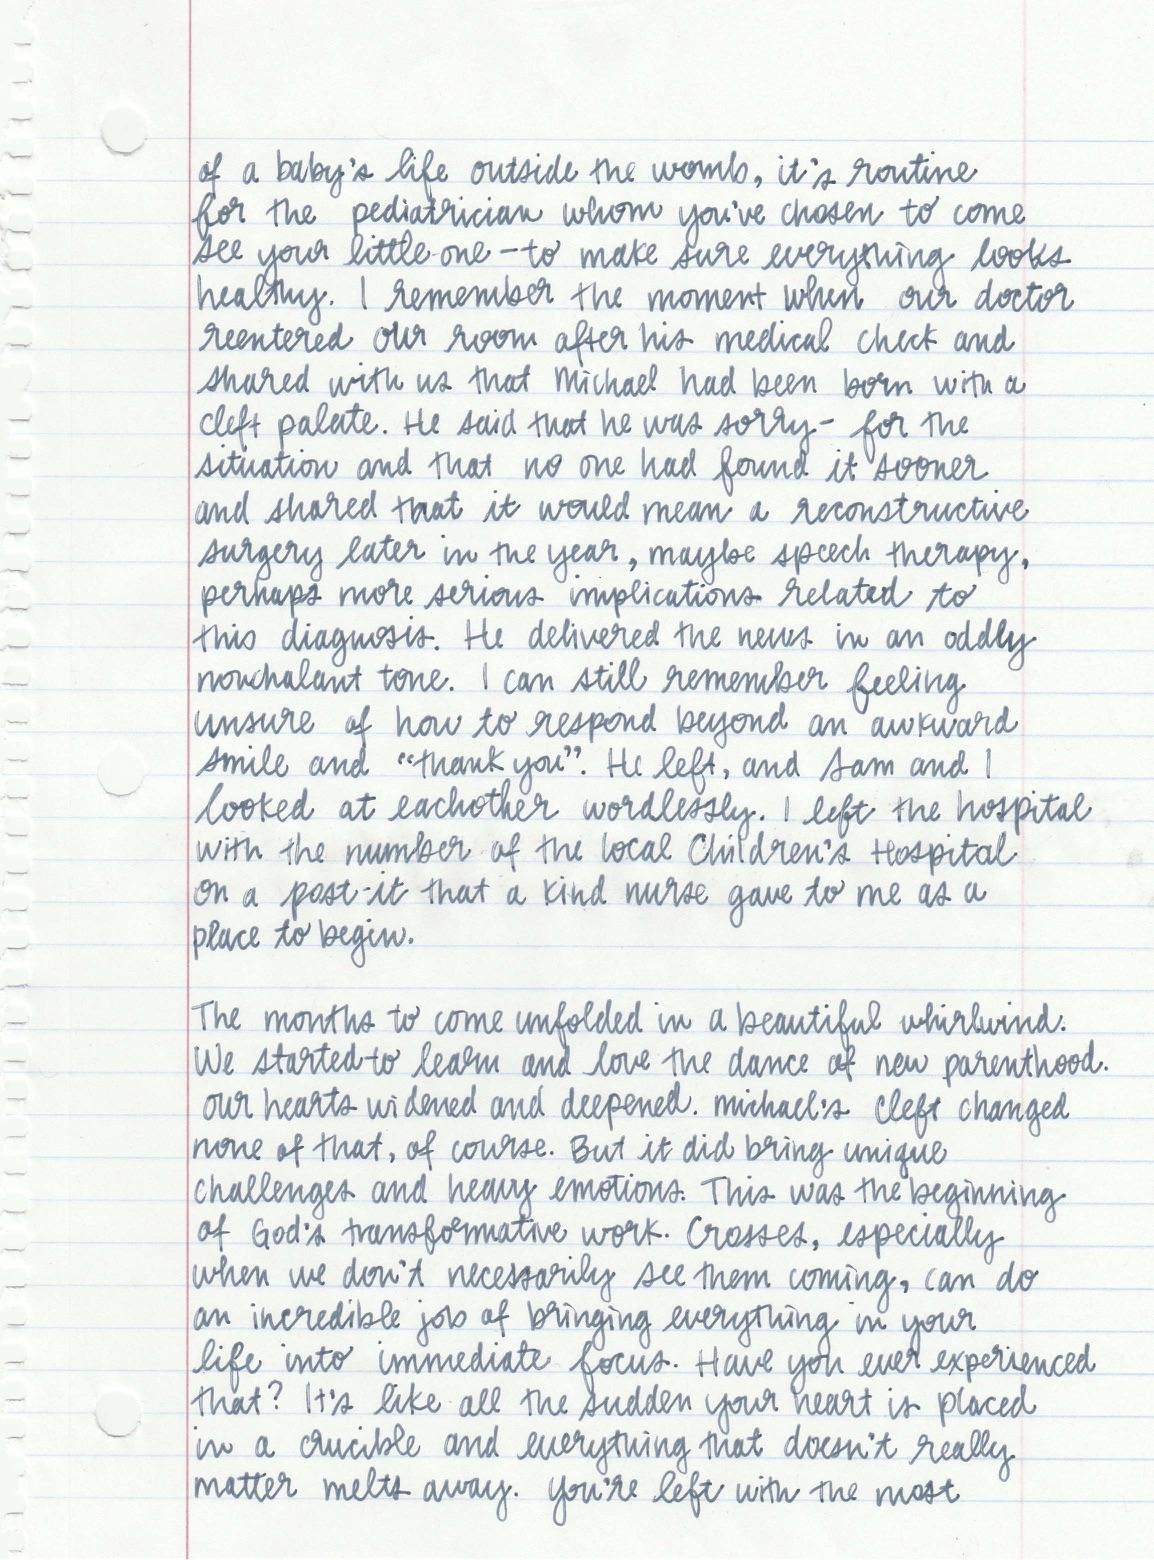 Written Letter2.jpg